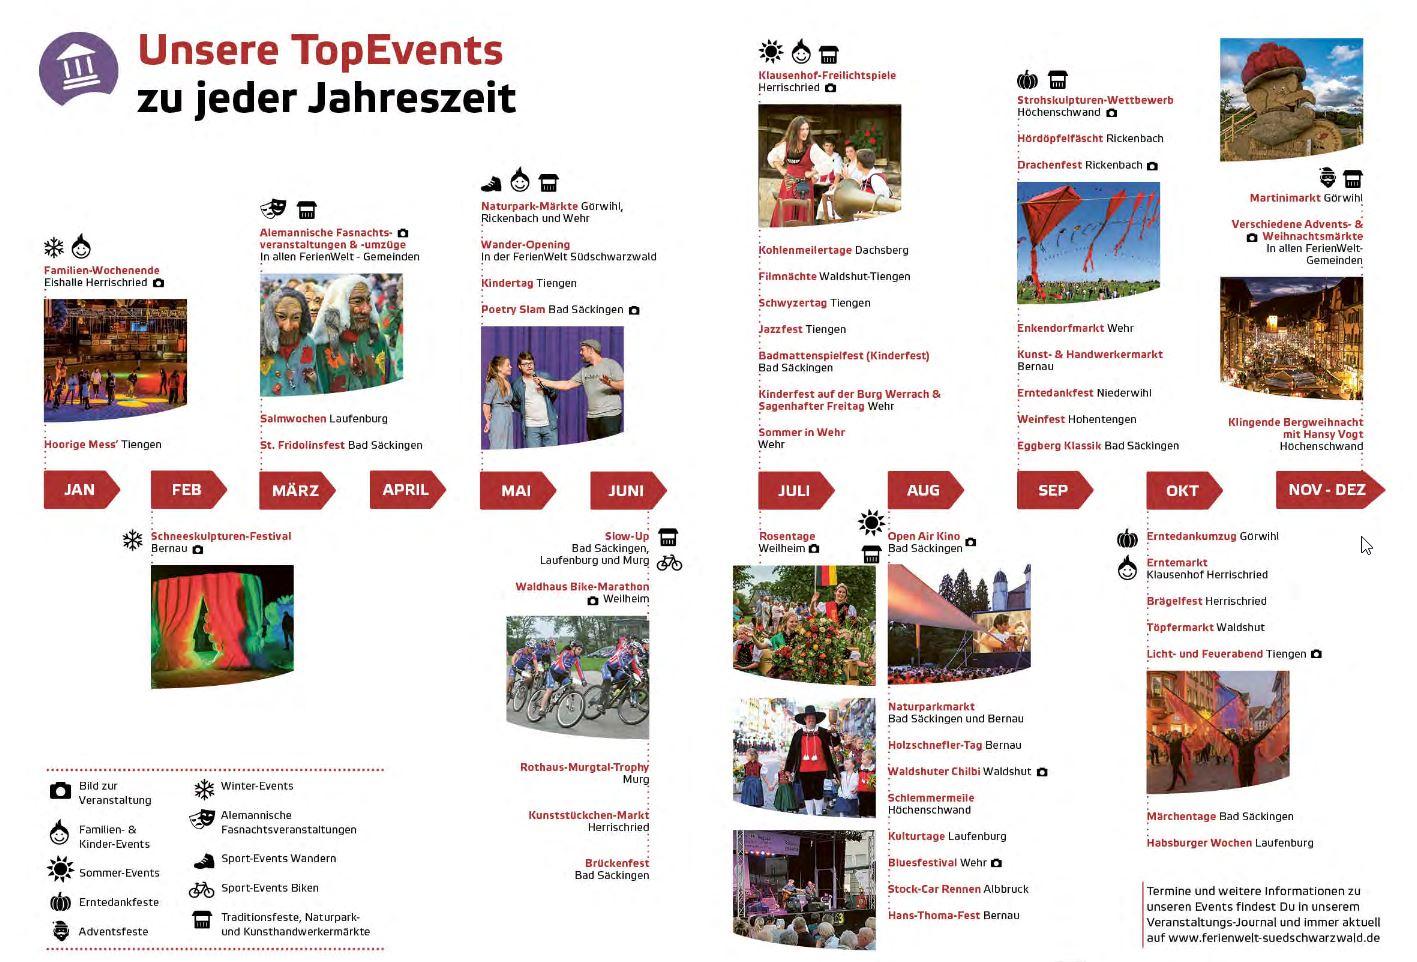 Aufstellung mit jährlich stattfindenden Veranstaltungen